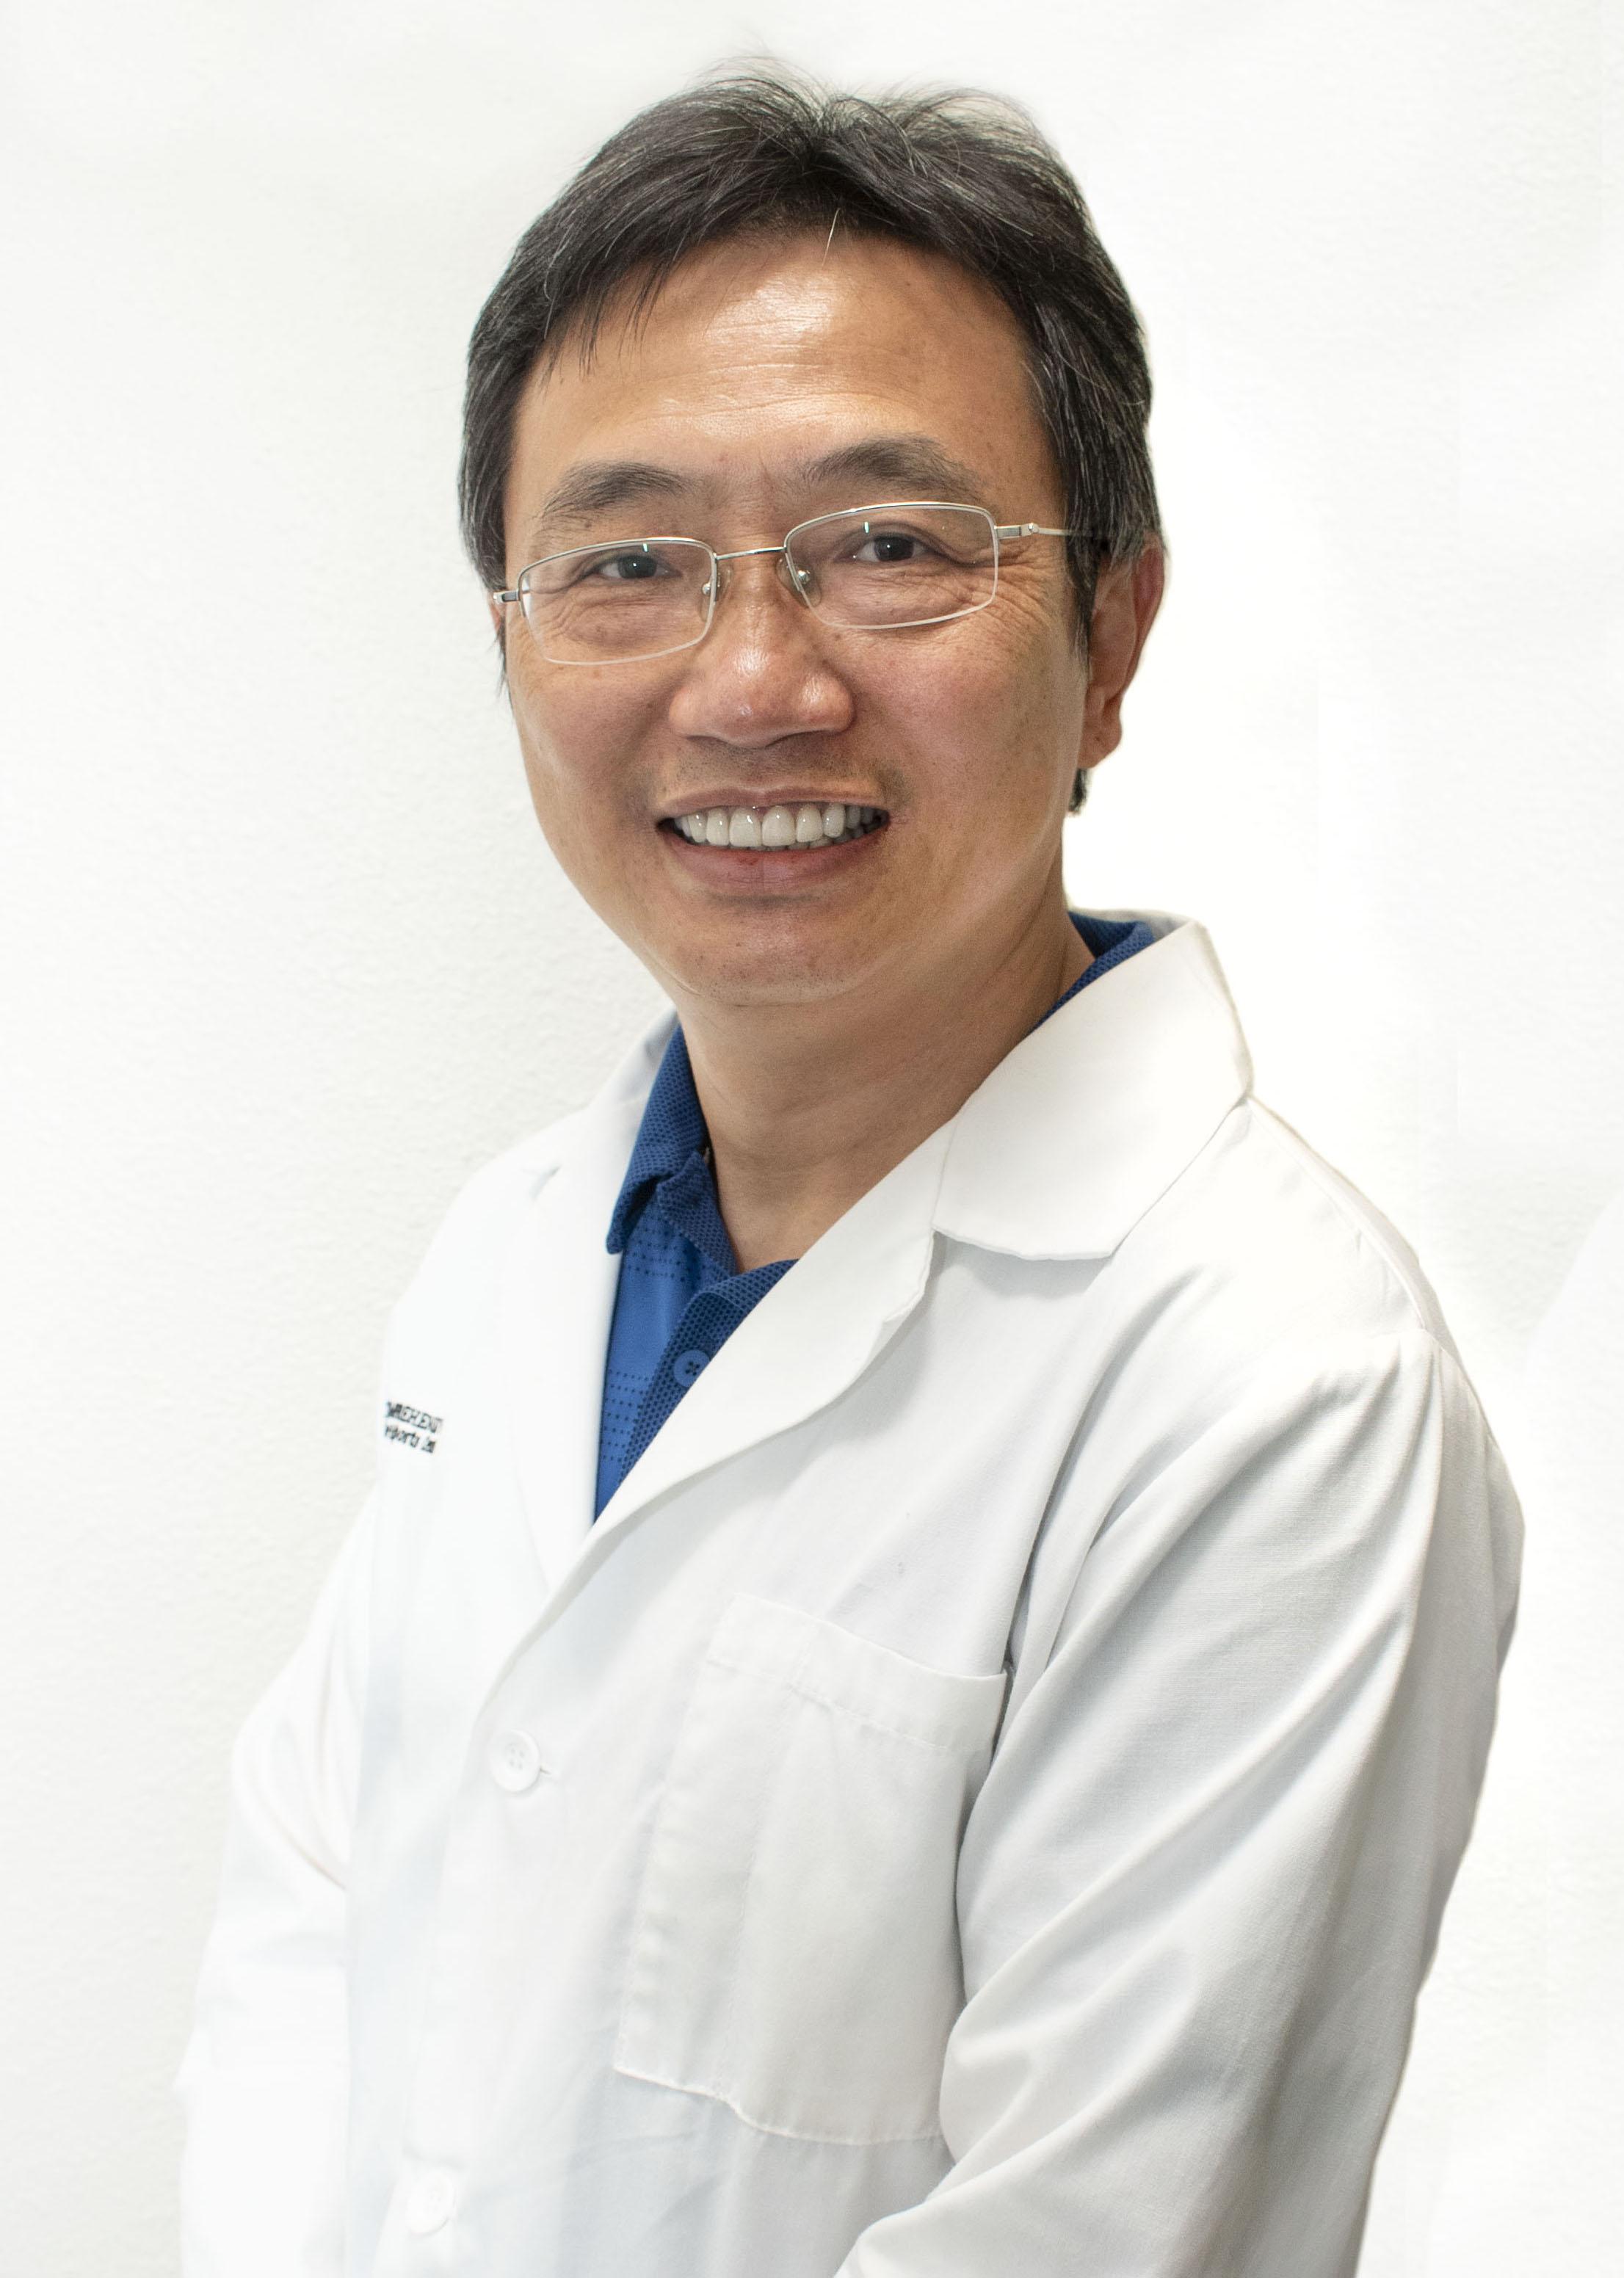 Jianxun Zhou